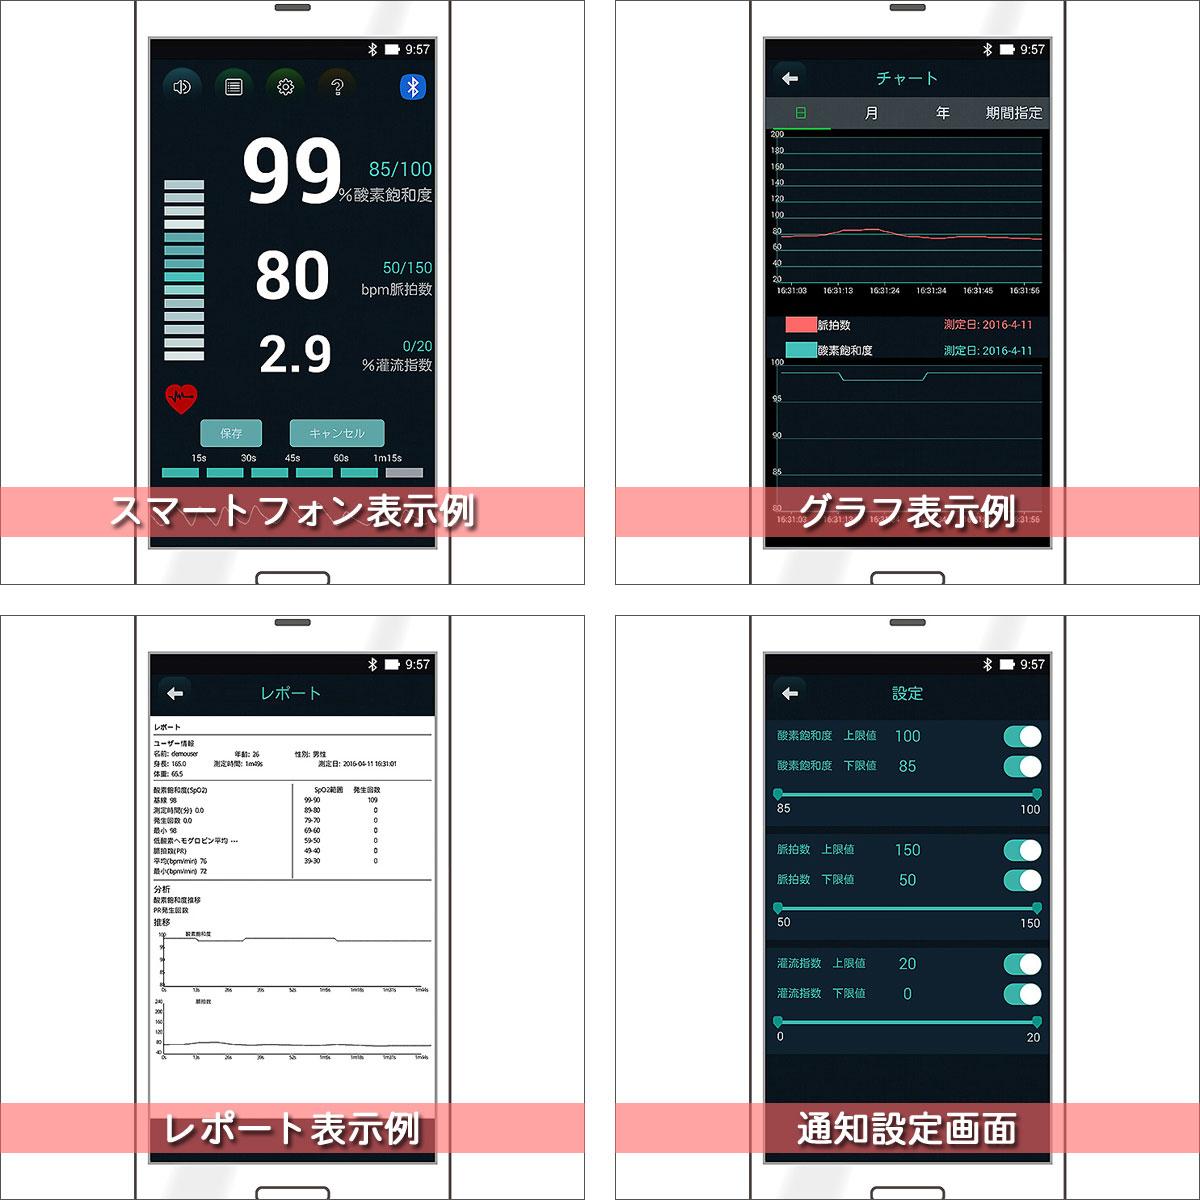 専用アプリで測定データを表示したイメージ